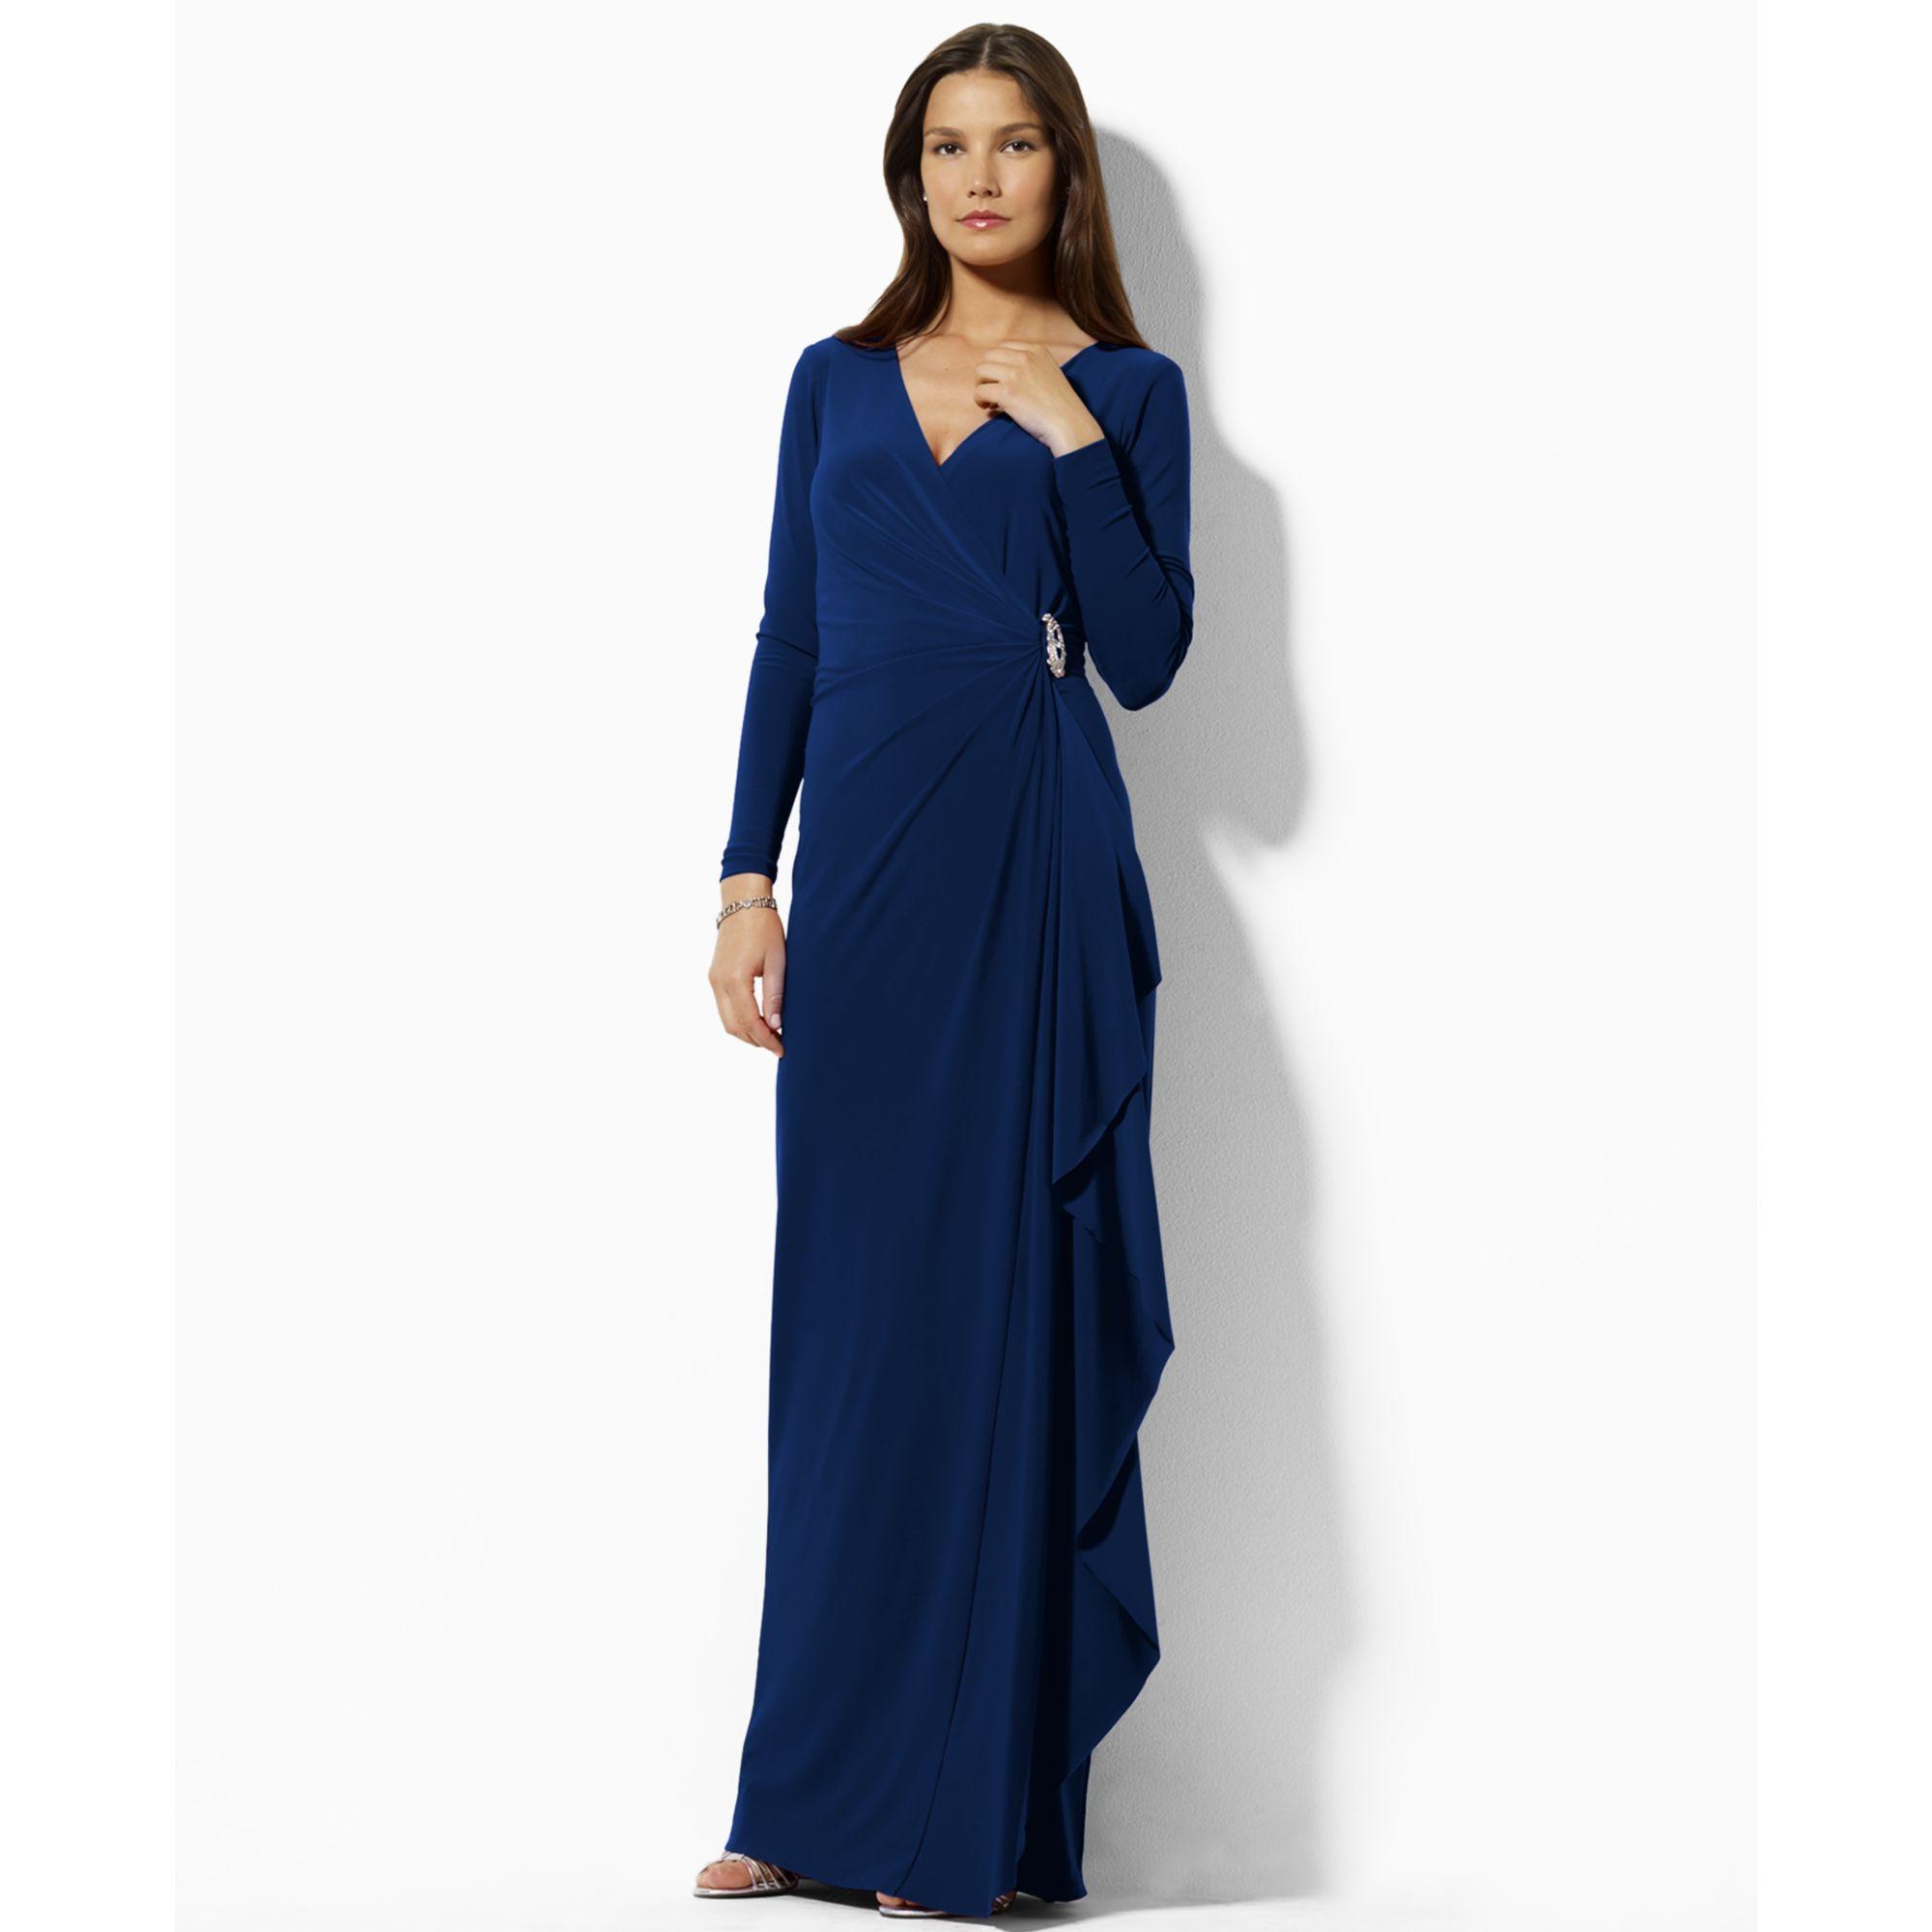 ralph lauren long evening dresses photo - 1